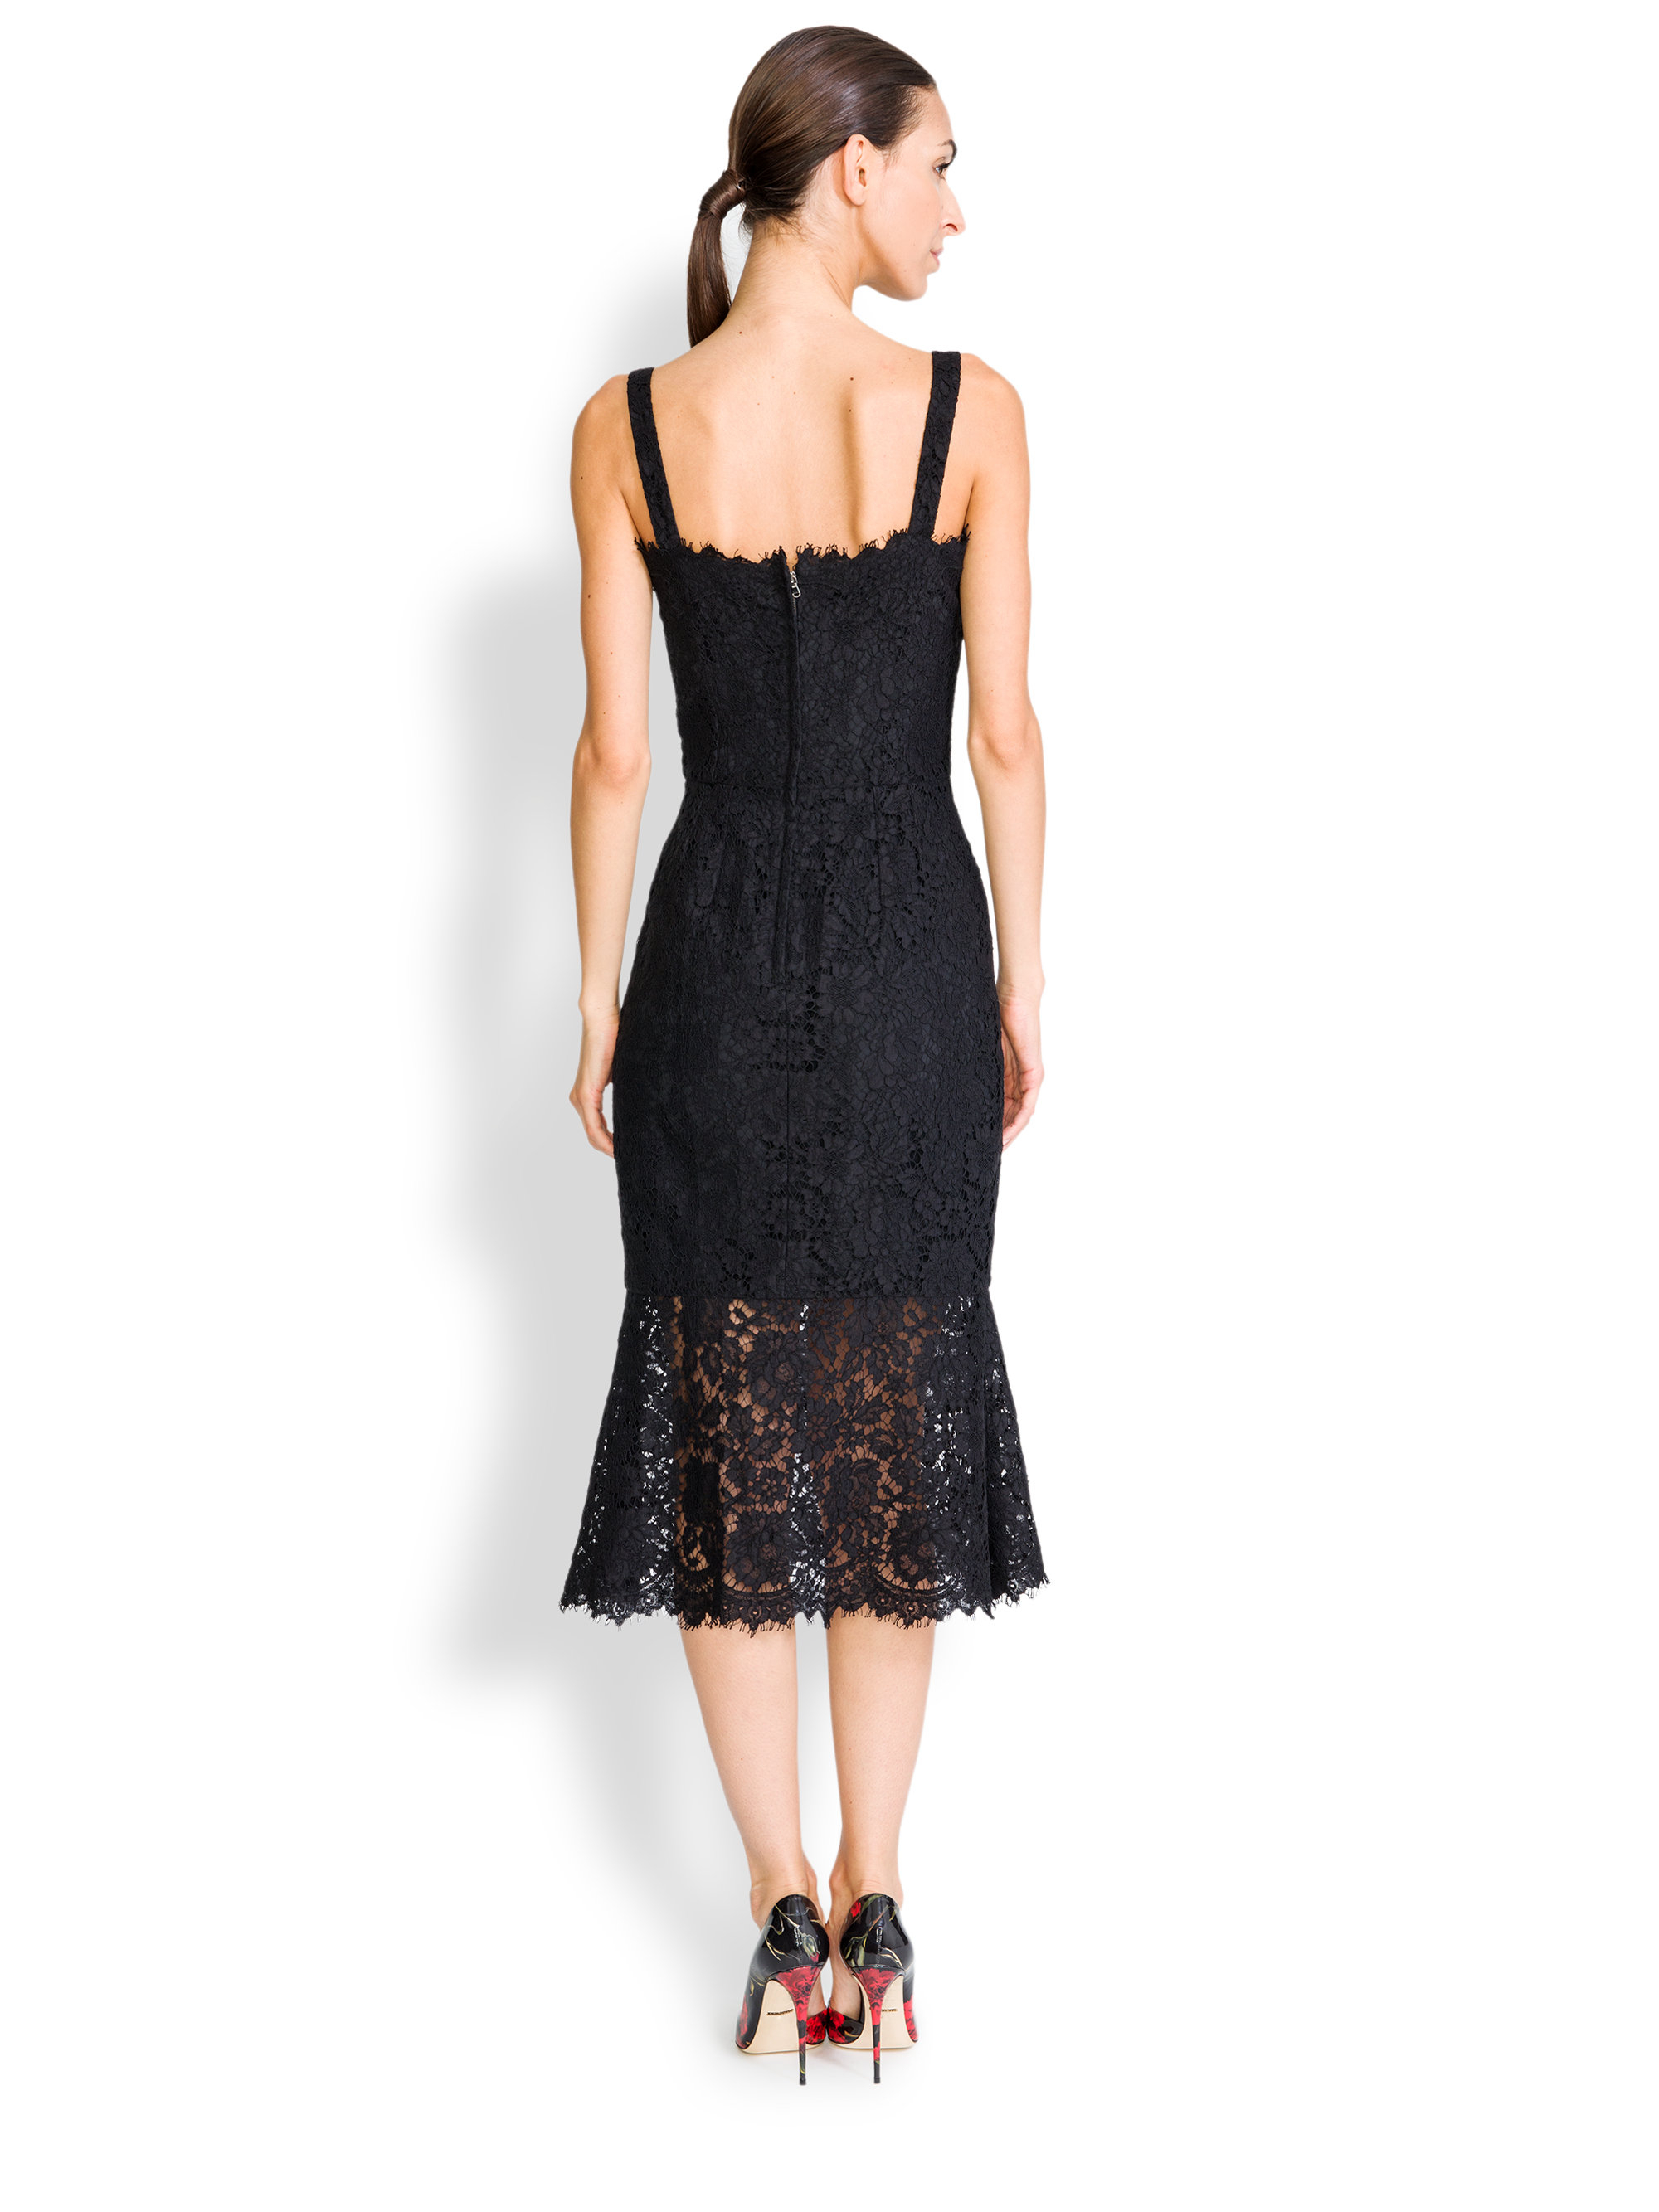 lace lingerie dress - photo #3